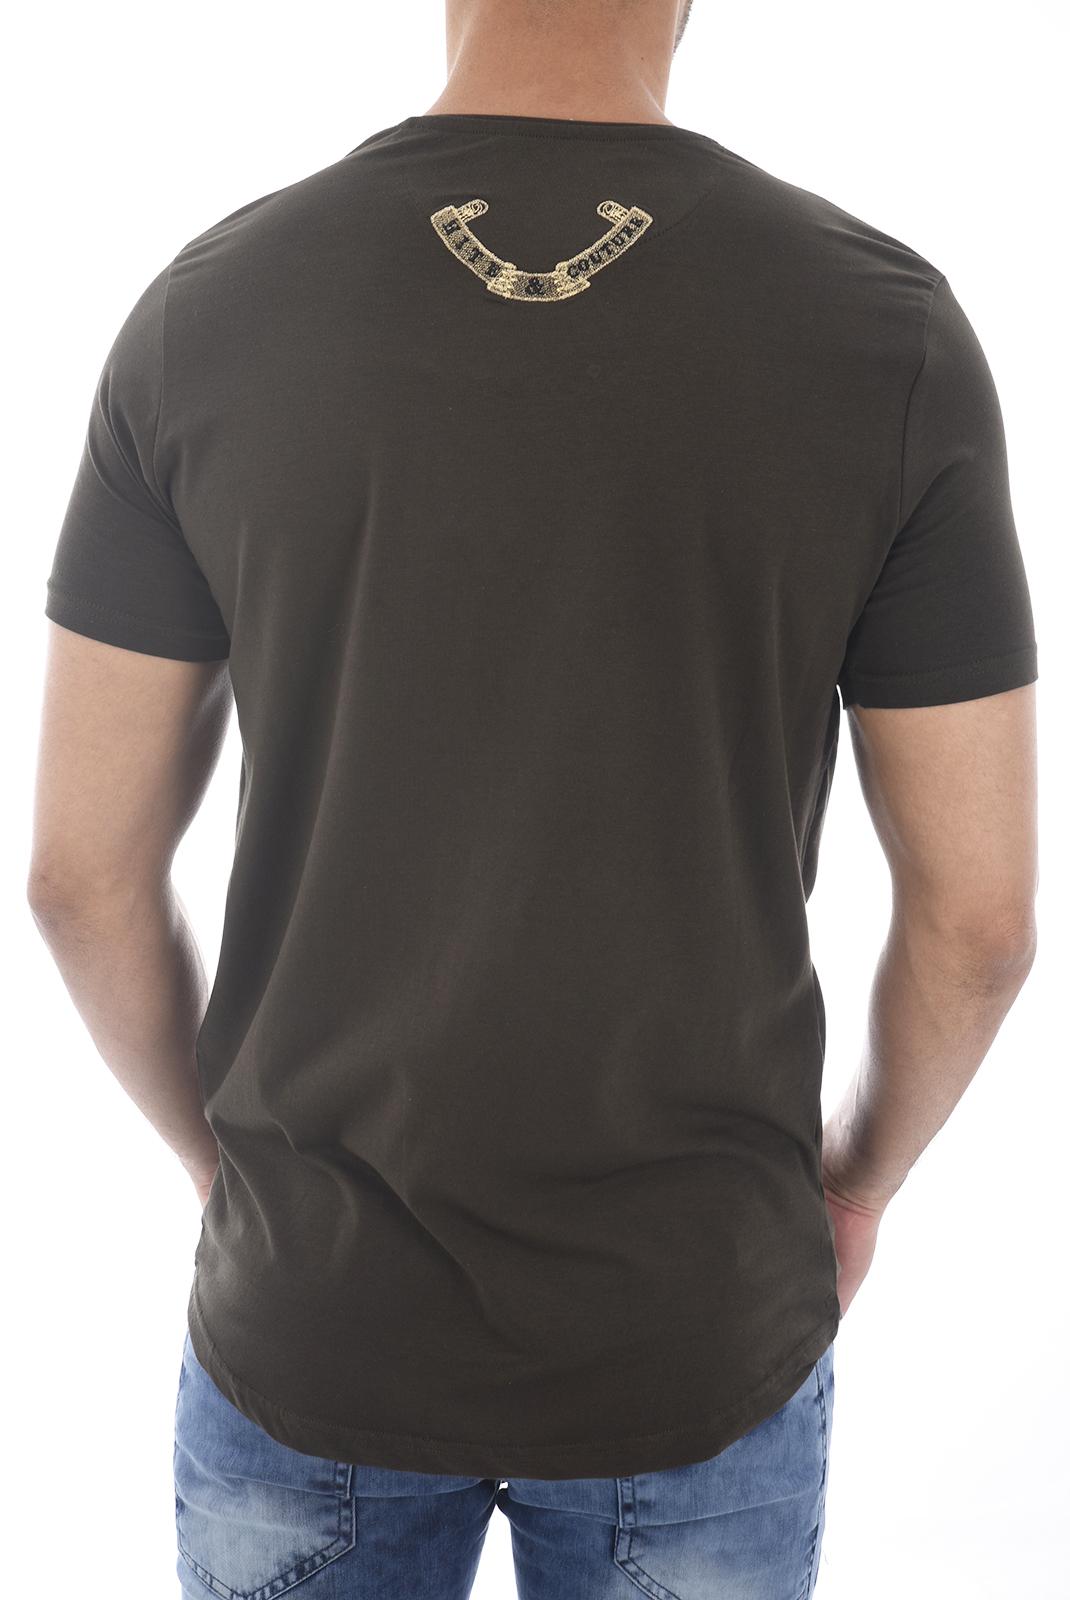 Tee-shirts  Hite couture MAMILER KAKI